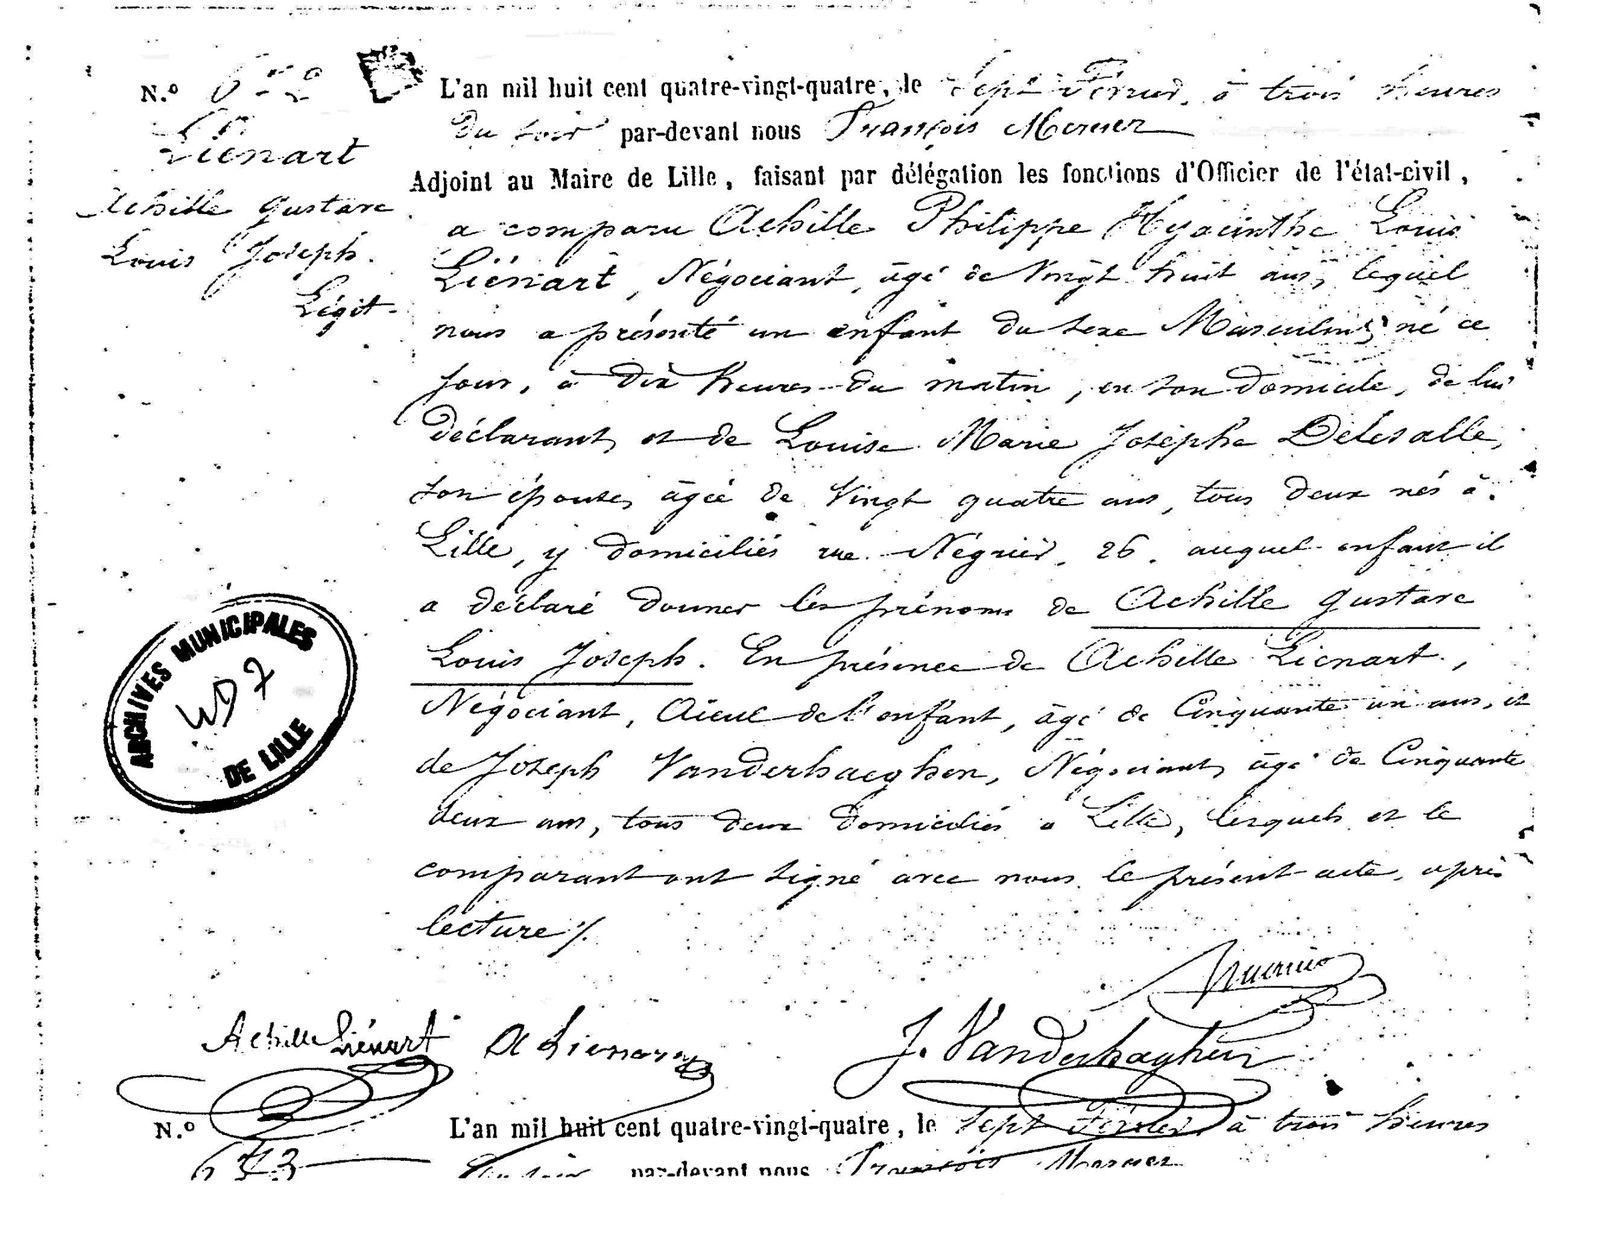 extrait de naissance  d'Achille Liénart, né à Lille, le 7 février 1884, à 10h du matin, fils d'Achille Liénart, négociant et son Louise Delesalle, demeurant rue Négrier N° 26